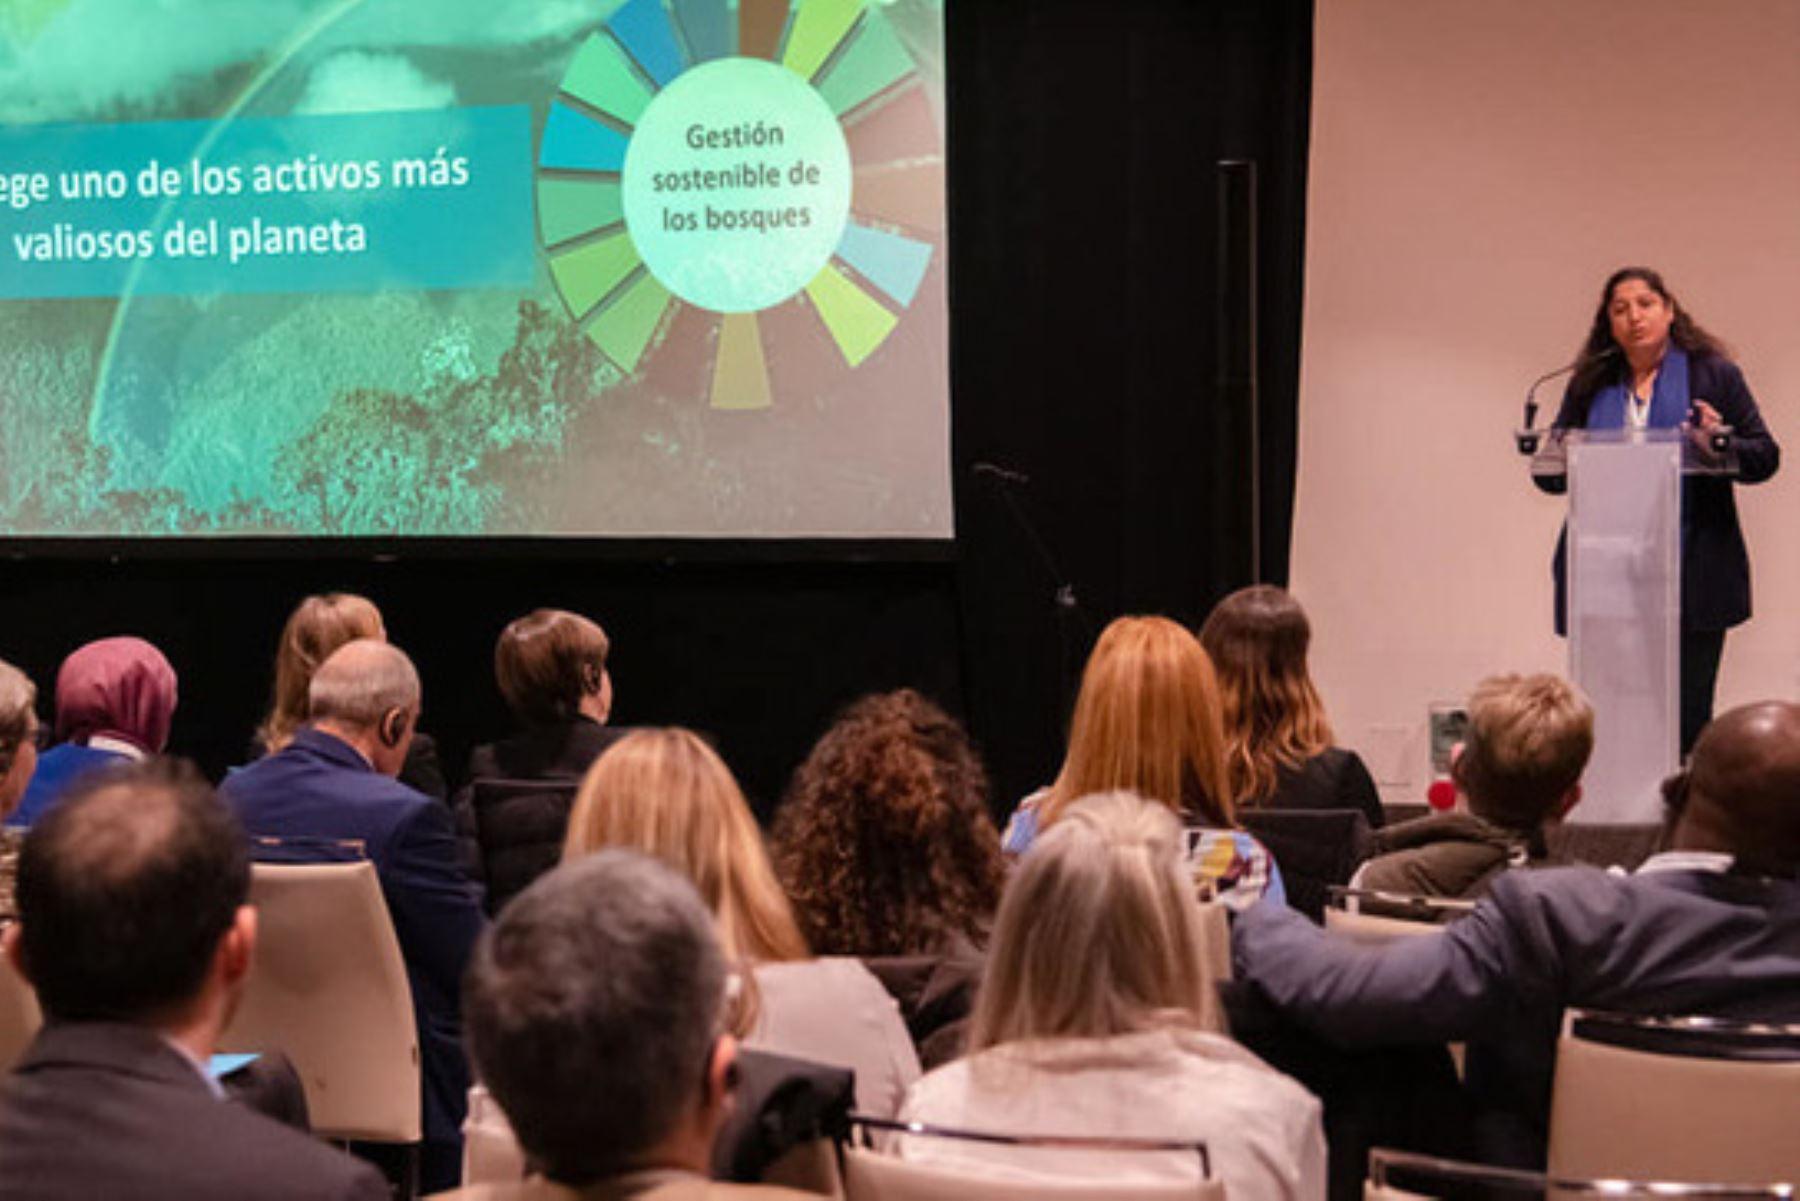 El Perú se compromete ante la COP25 acelerar la reducción de emisiones de gases de efecto invernadero al 2030. ANDINA/Difusión